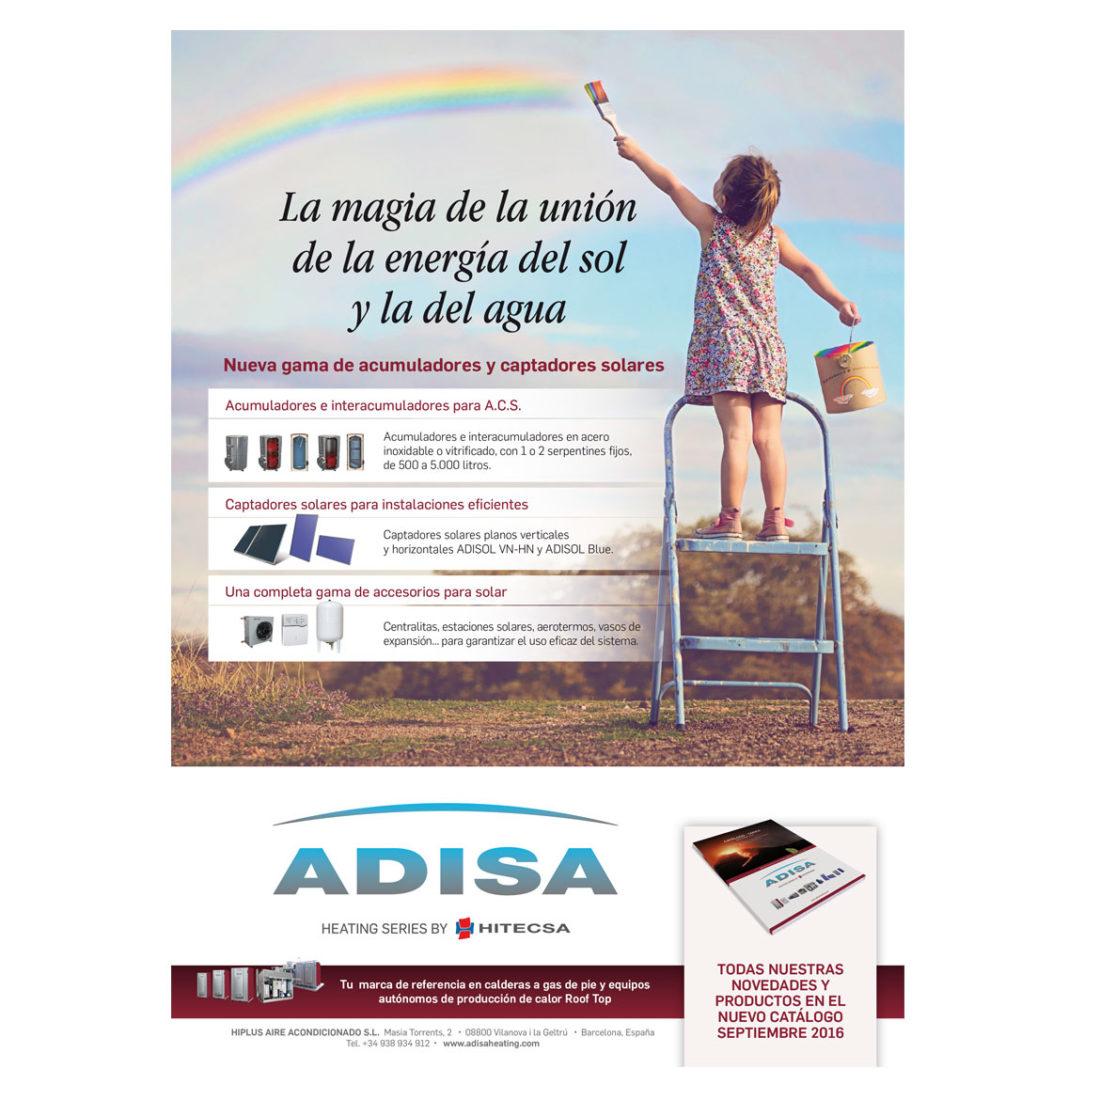 Un anuncio para Adisa Heating